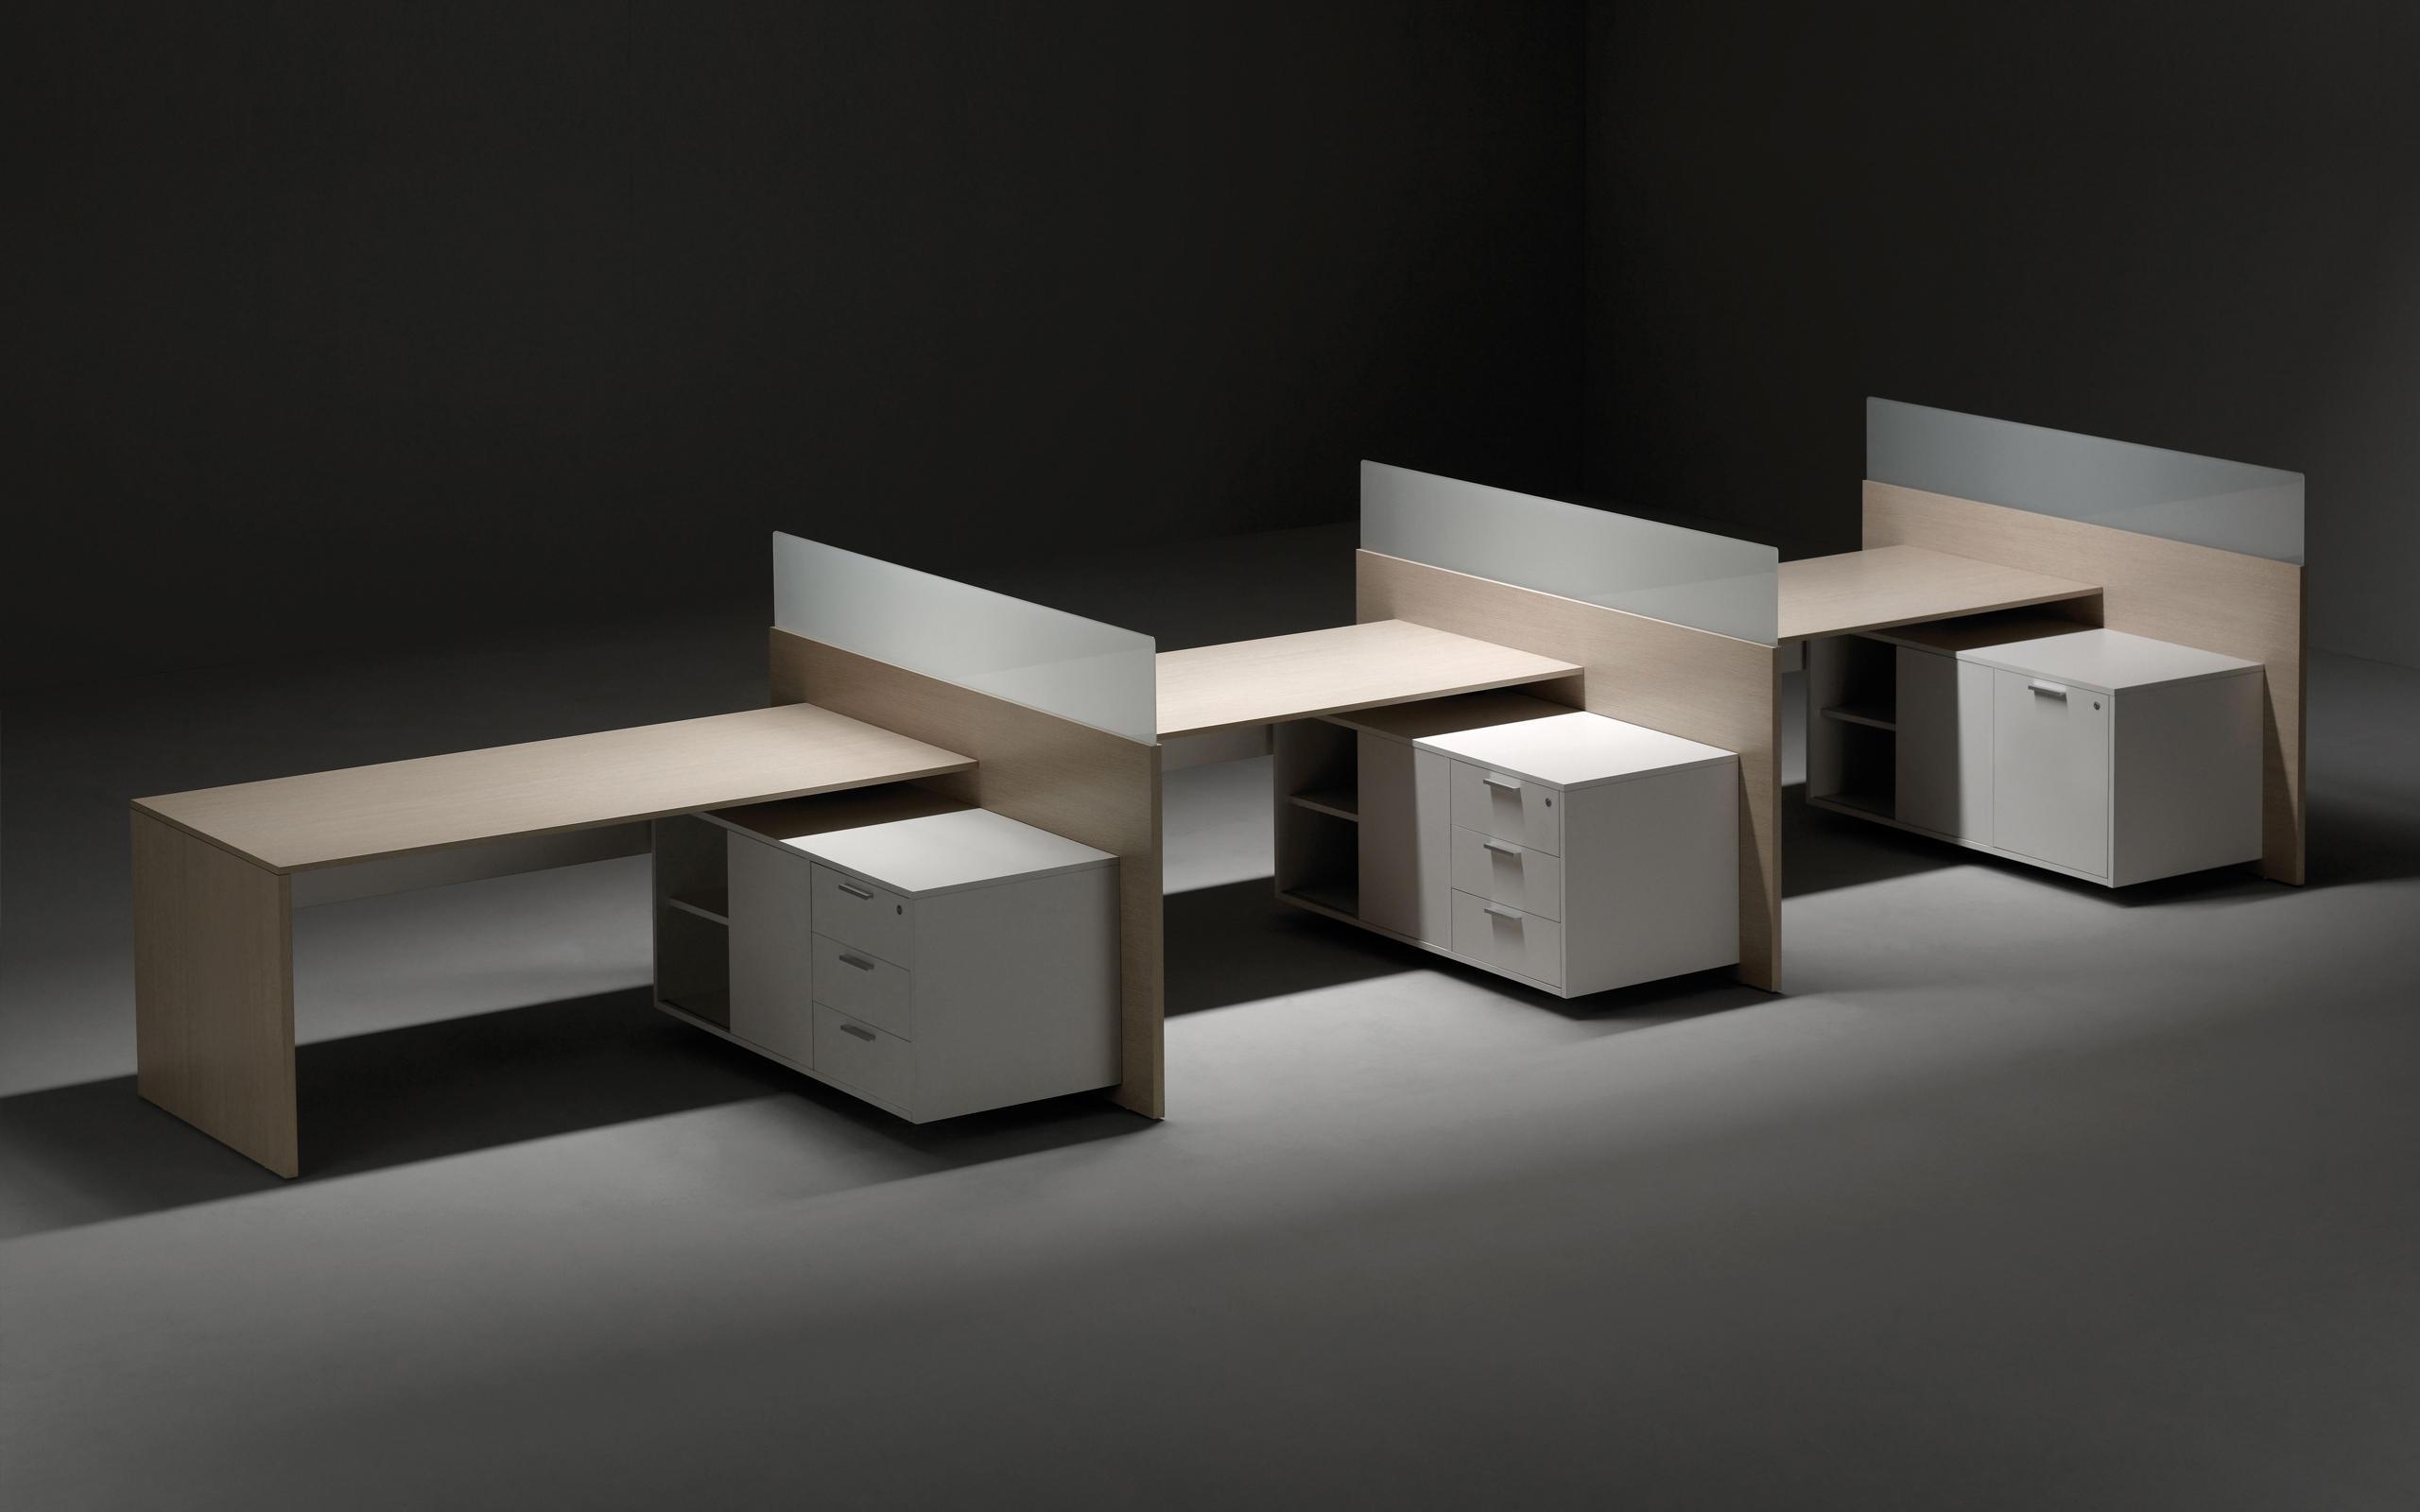 V30 escritorios ejecutivos de forma 5 architonic - Faldones para sillas ...